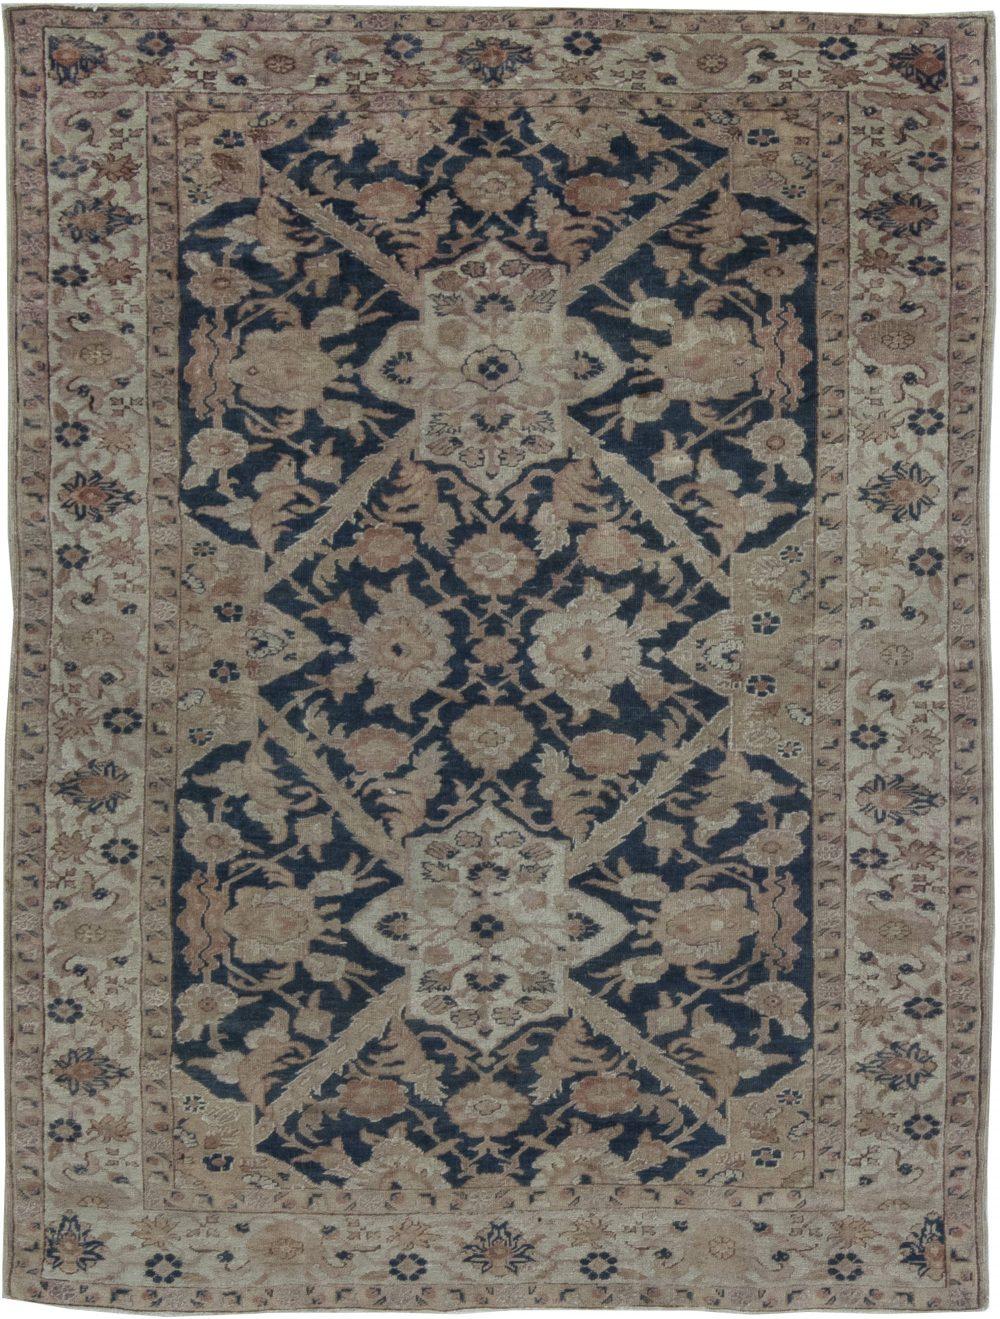 Antique Turkish Sivas Rug BB6348